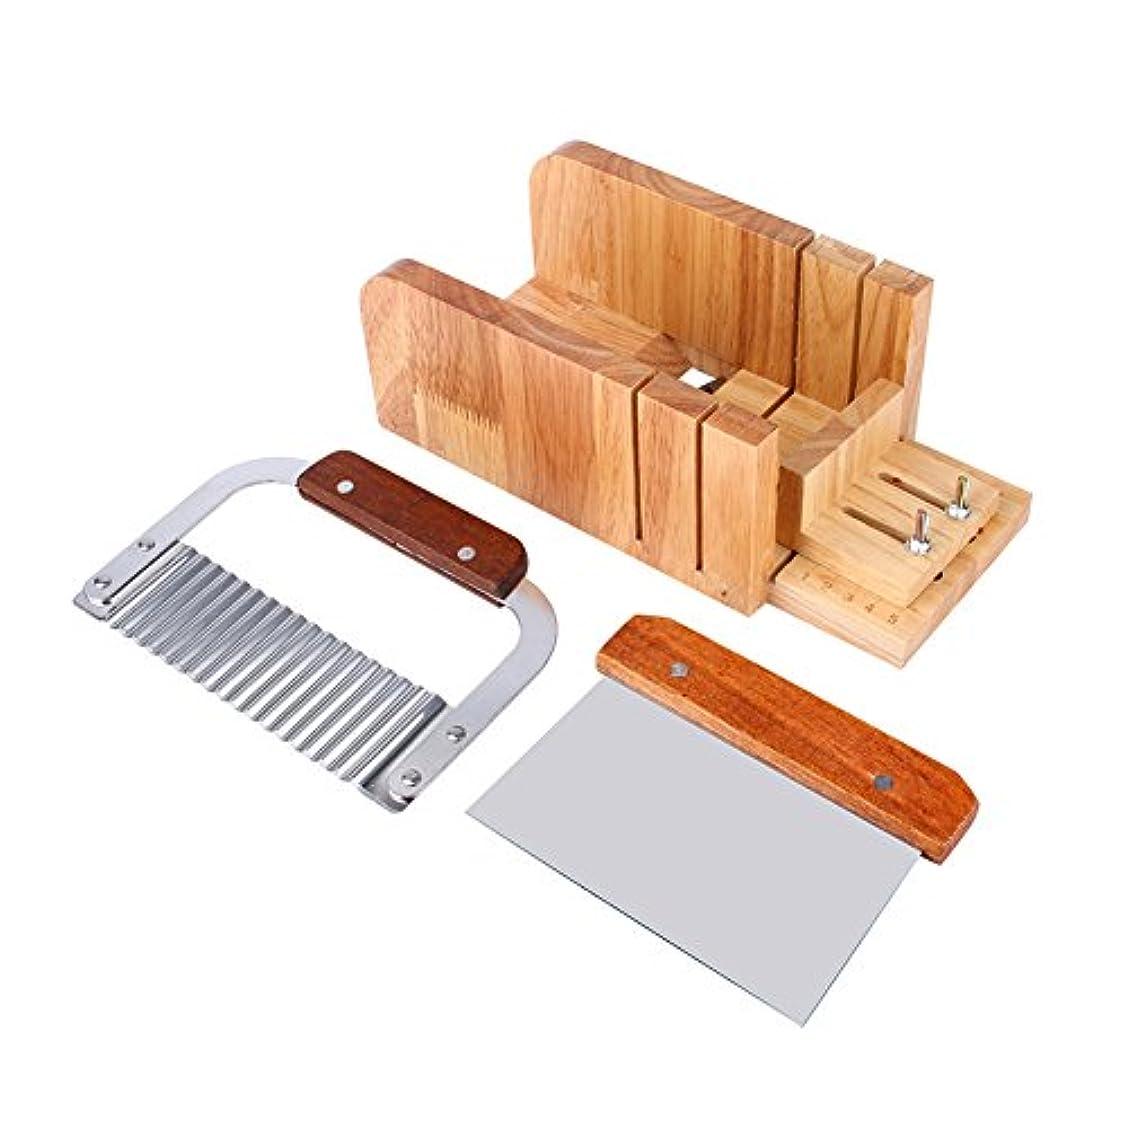 クリーナーディーラー馬鹿3点セット ソープカッター 石けん金型ソープロープ カッター 木製 カッター ツールDIY 手作り 木製ボックス松木製 ストレートソープ包丁 ナイフ モールドソープ調整可能レトロ